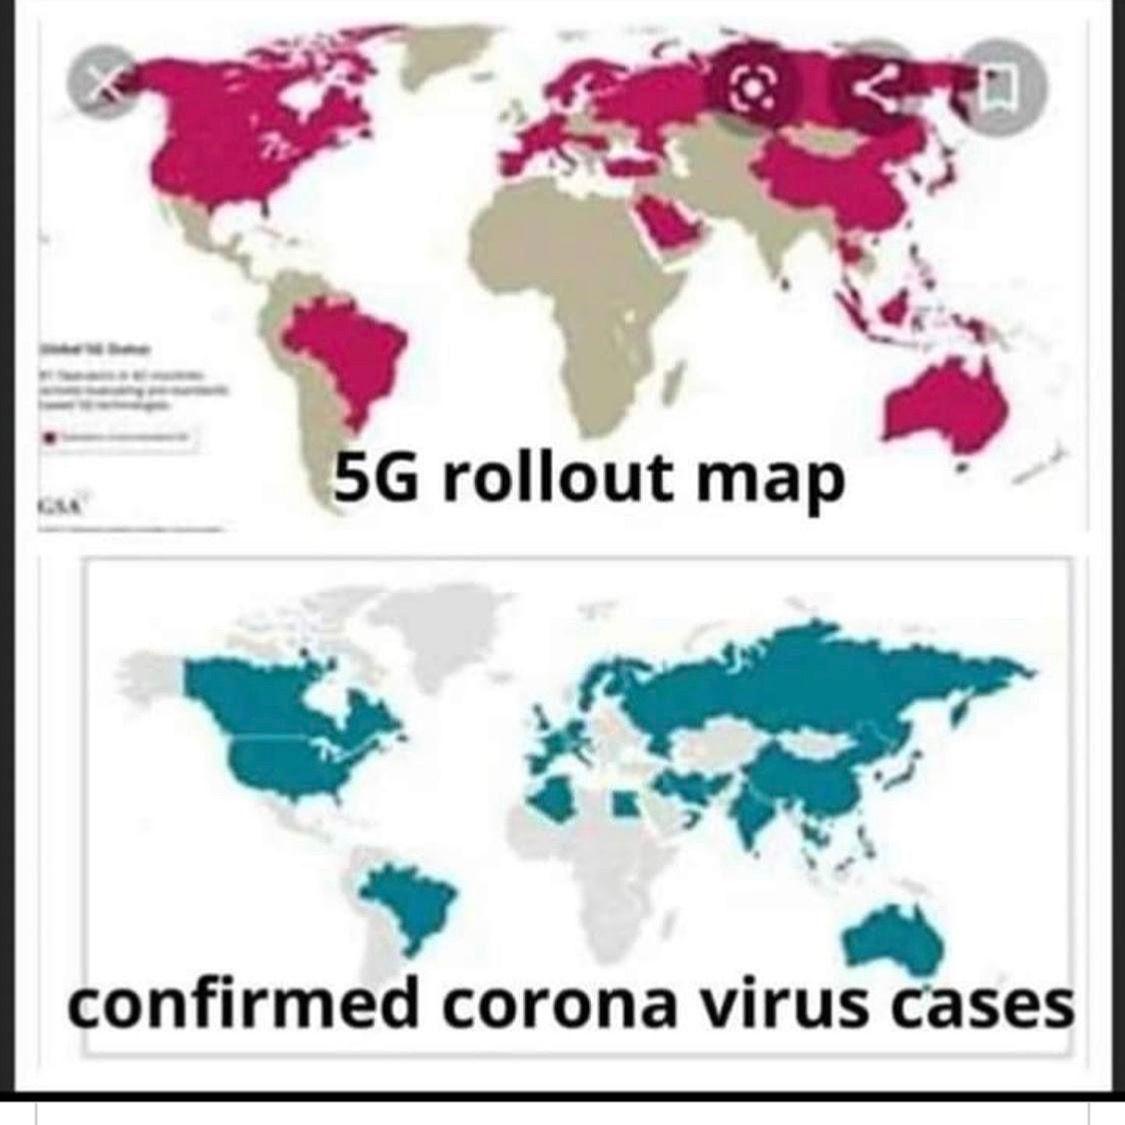 test ツイッターメディア - 完全に一致コロナウィルスと5Gとワクチンhttps://t.co/rVw3fzcgPr武漢ではID2020という機関の試験施行が行われていました。https://t.co/pYxO7HHyVR